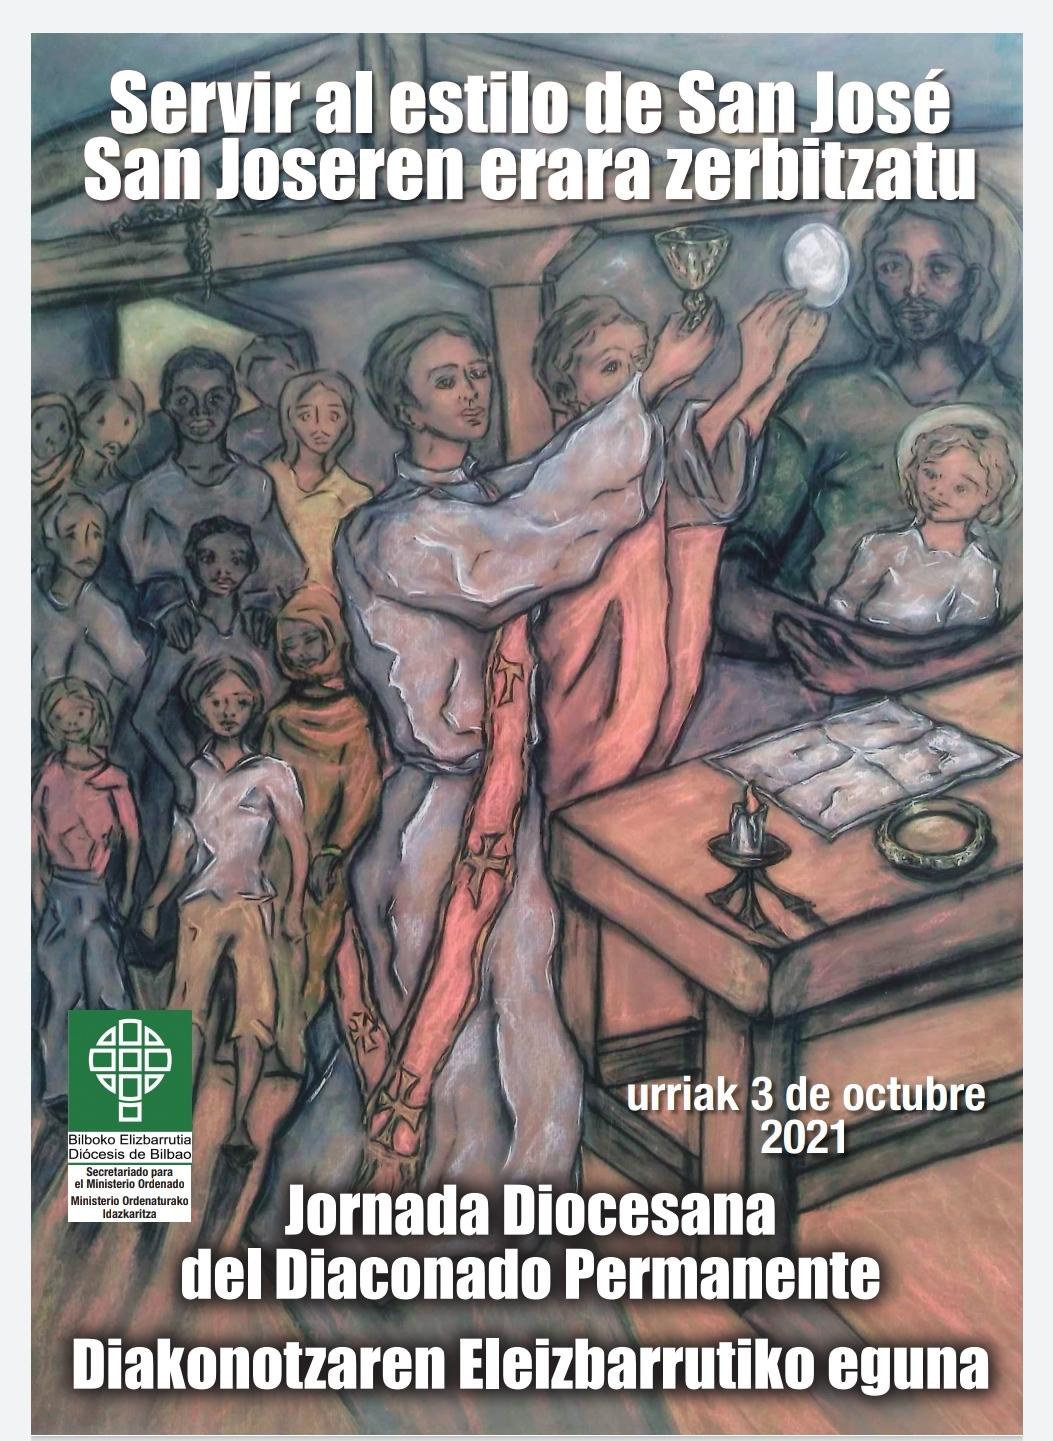 Bilbao, España: Materiales de la VII Jornada diocesana del diaconado permanente